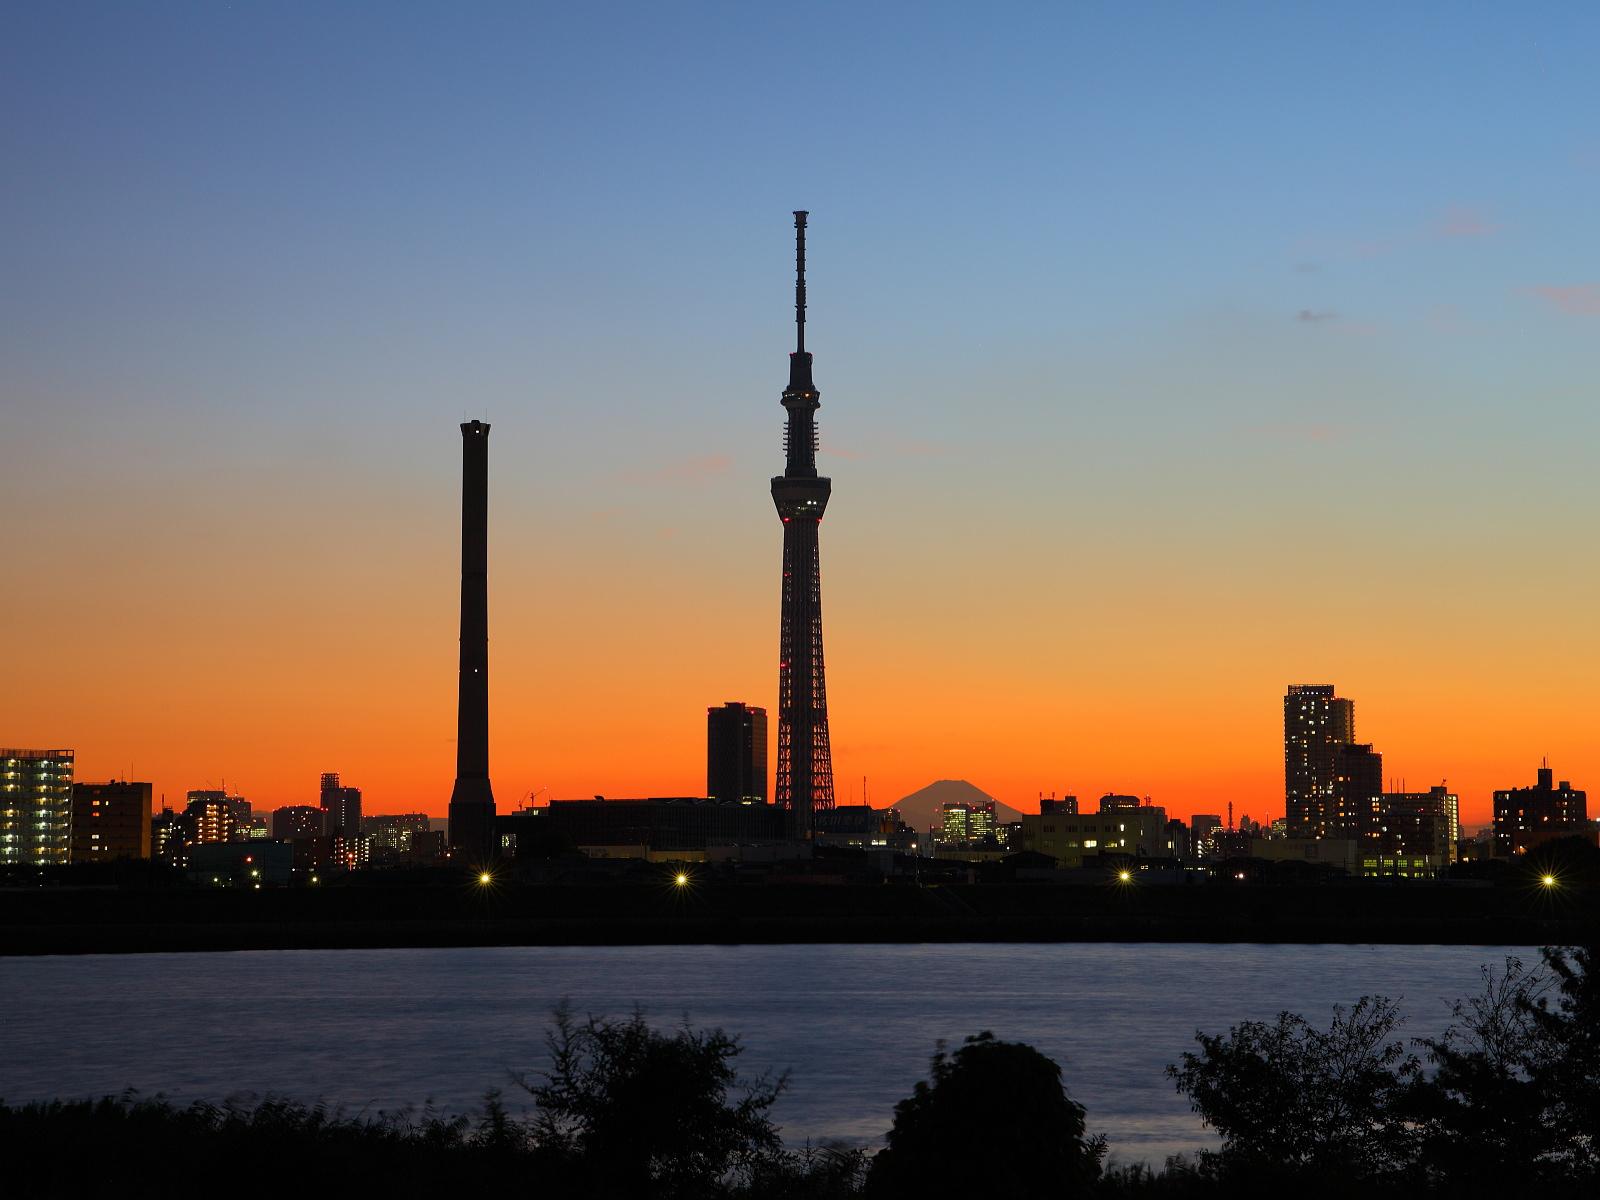 Tokyo Sky Tree и речной пароход